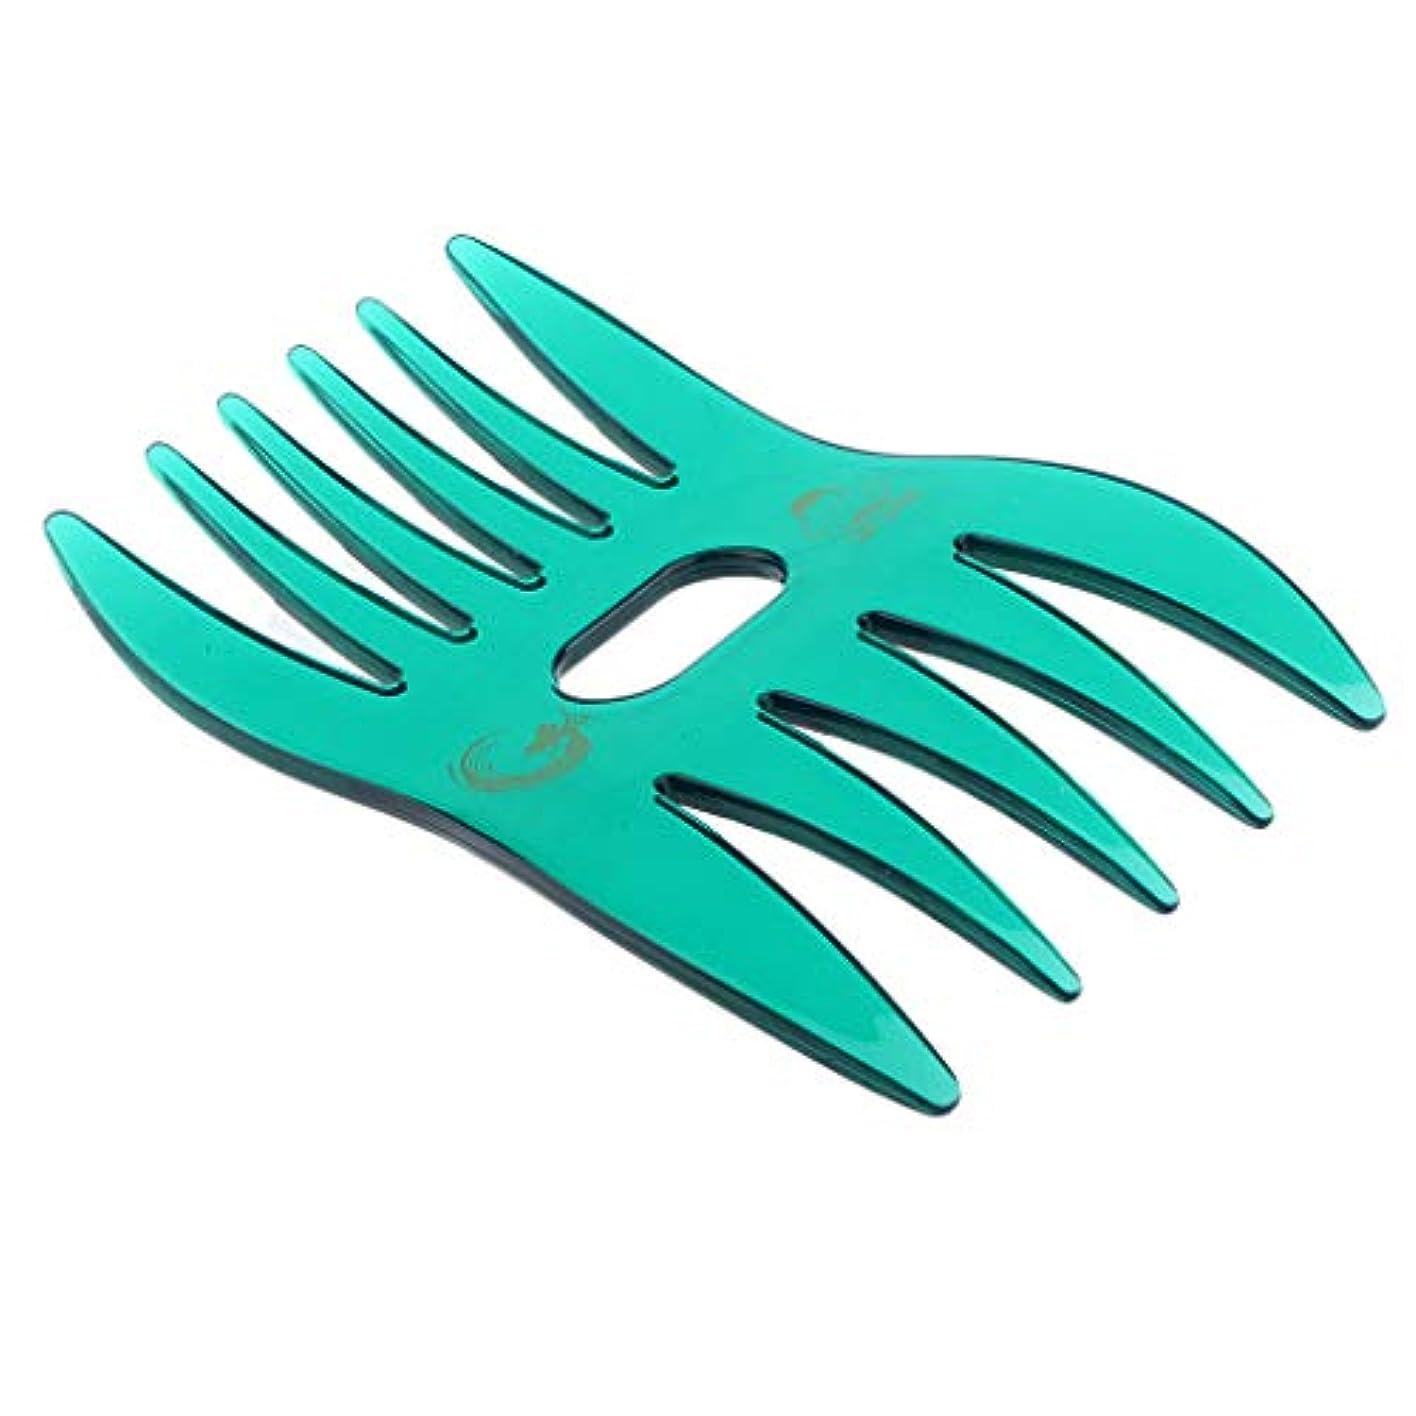 不誠実ファンタジー平らなF Fityle ヘアコーム デュアルサイド メンズ オイルヘアコン サロン ヘアスタイル 4色選べ - 緑